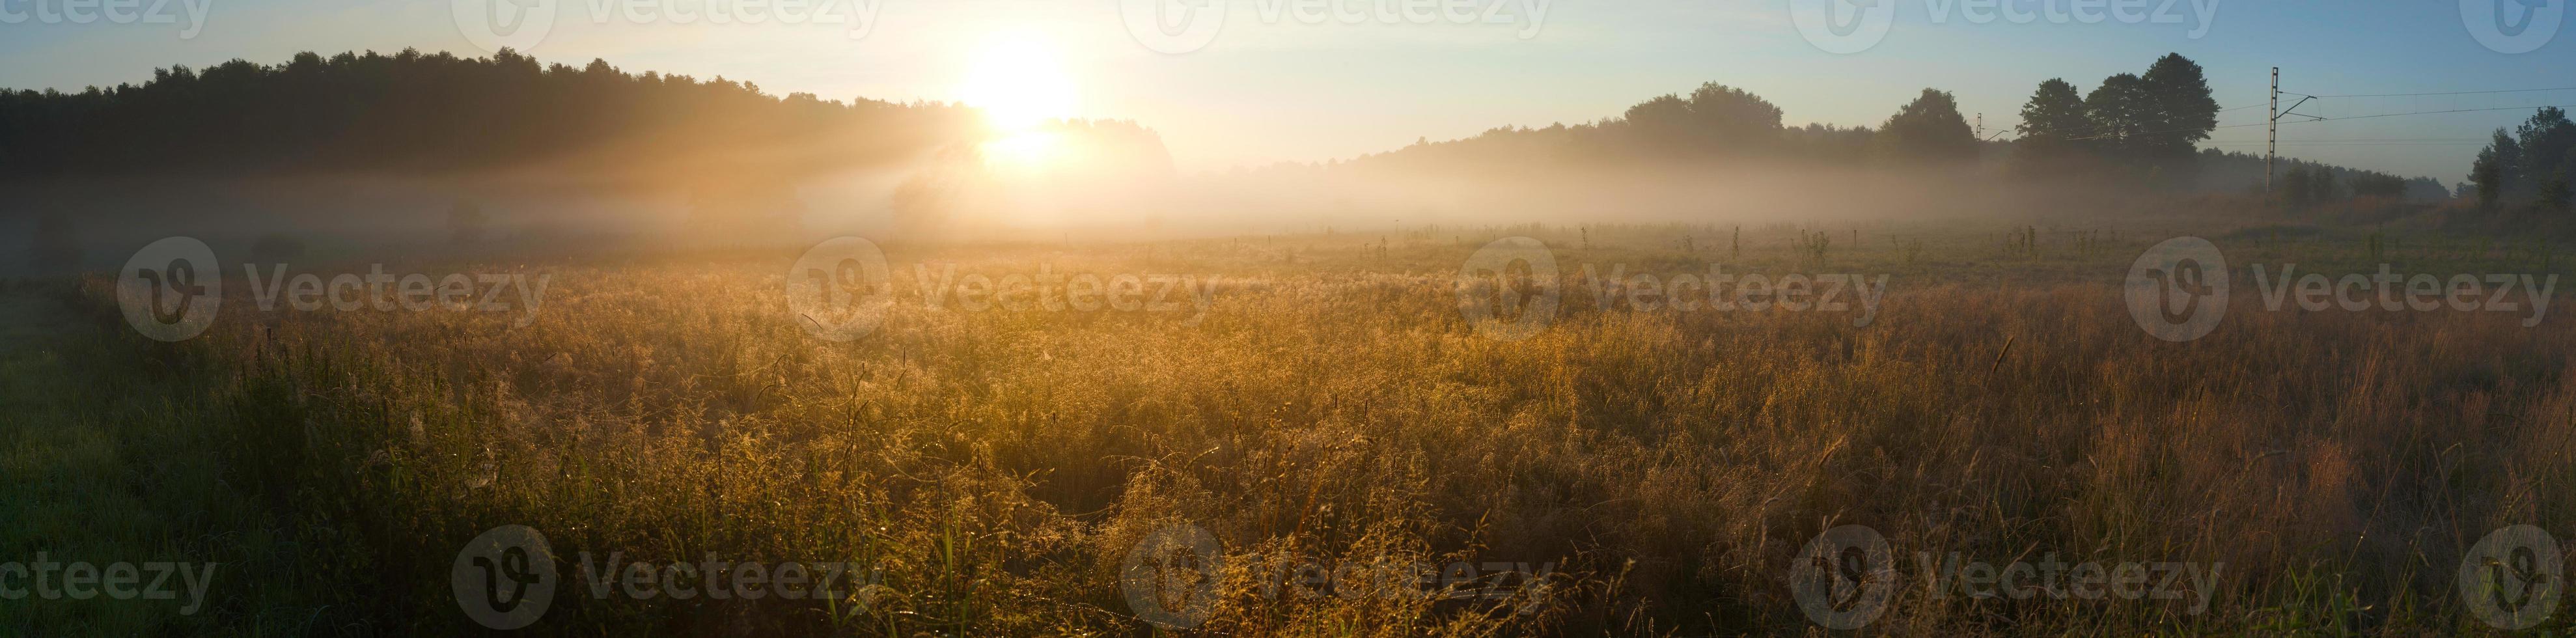 zonsopgang boven het mistige veld foto